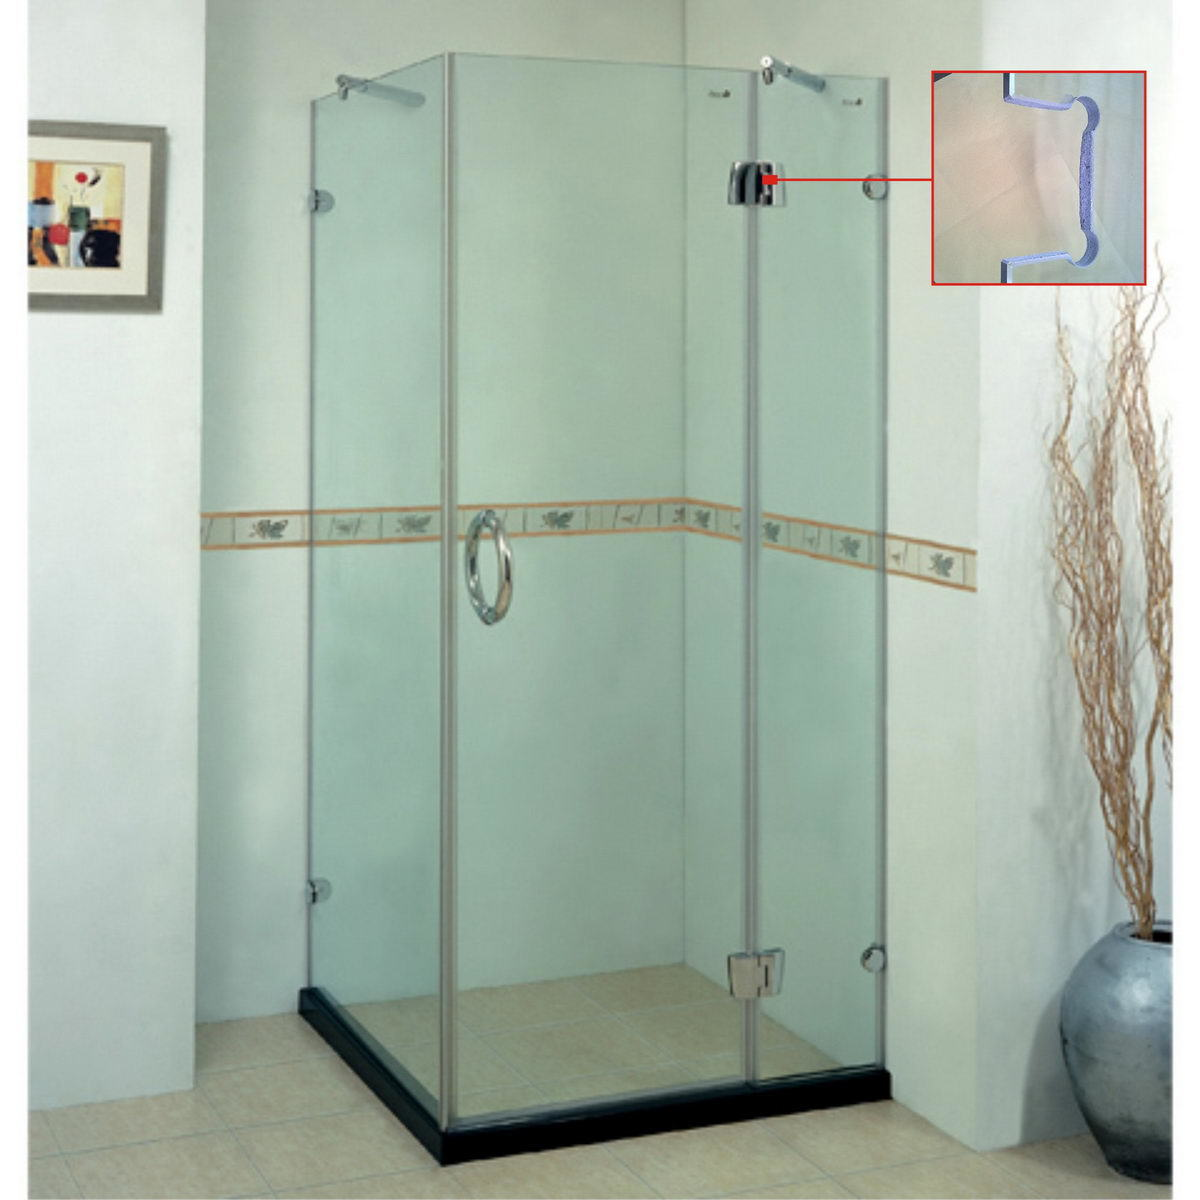 Baos con puertas de vidrio elegant cool tipo de producto - Puertas de vidrio ...